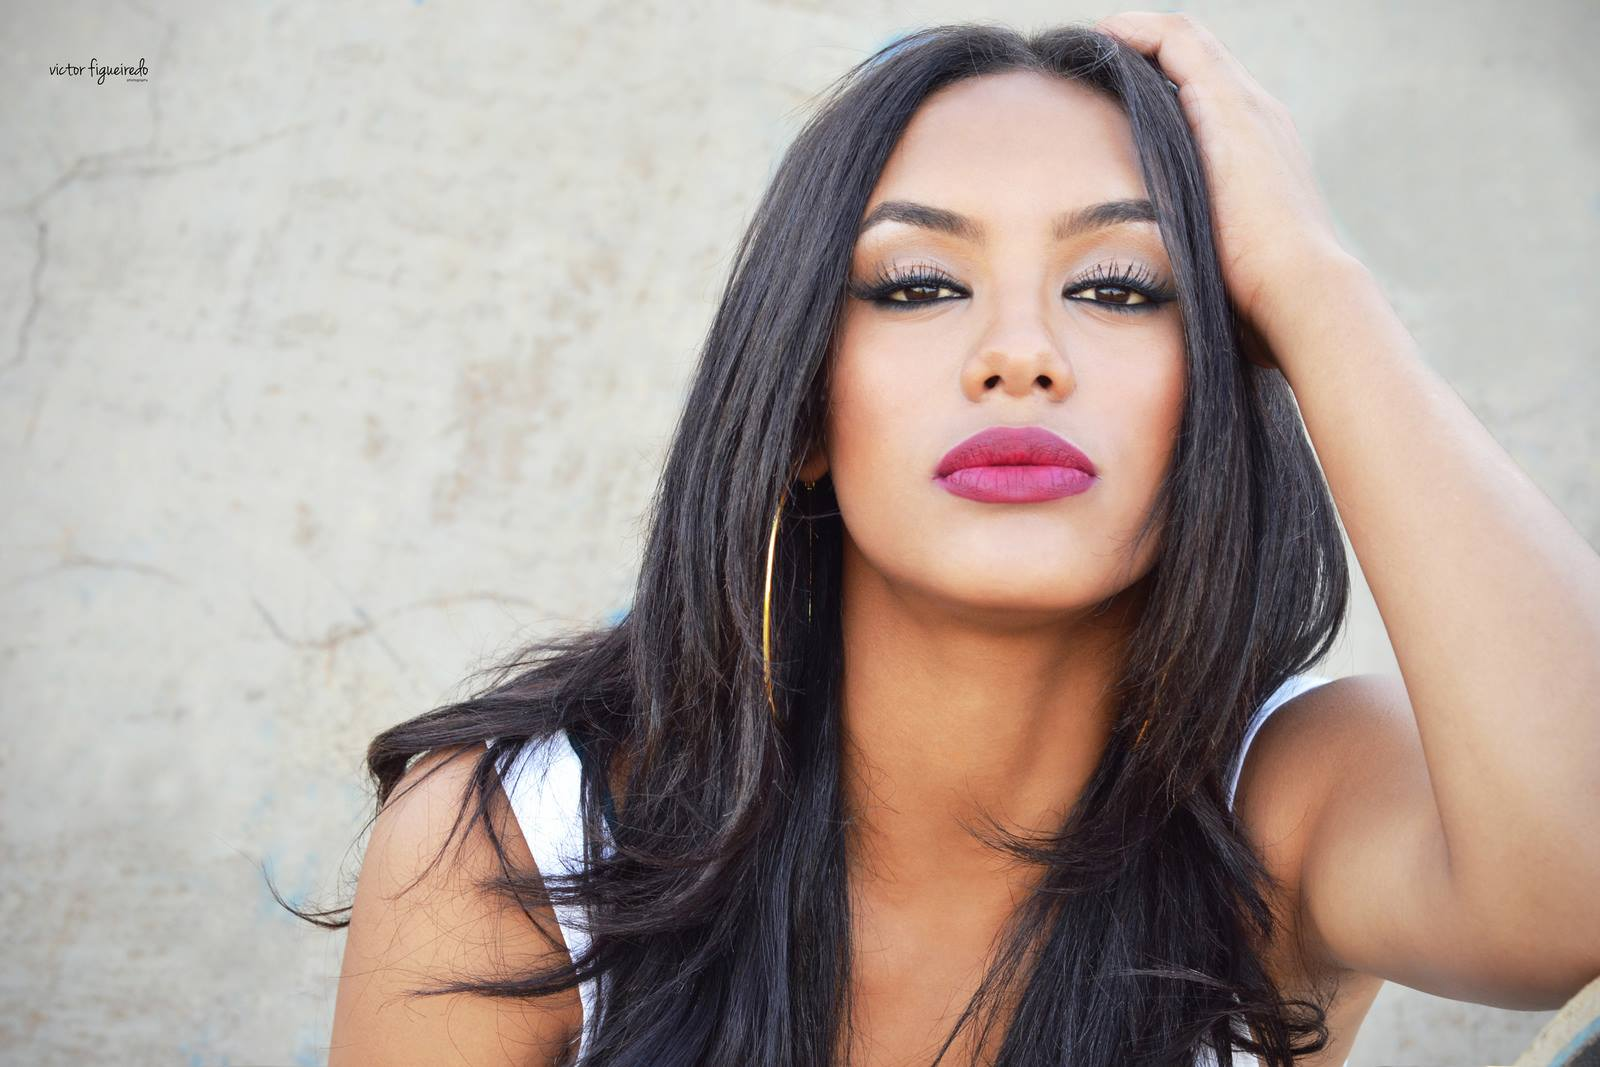 Resultado de imagem para raissa santana miss brasil 2016 com cabelo liso